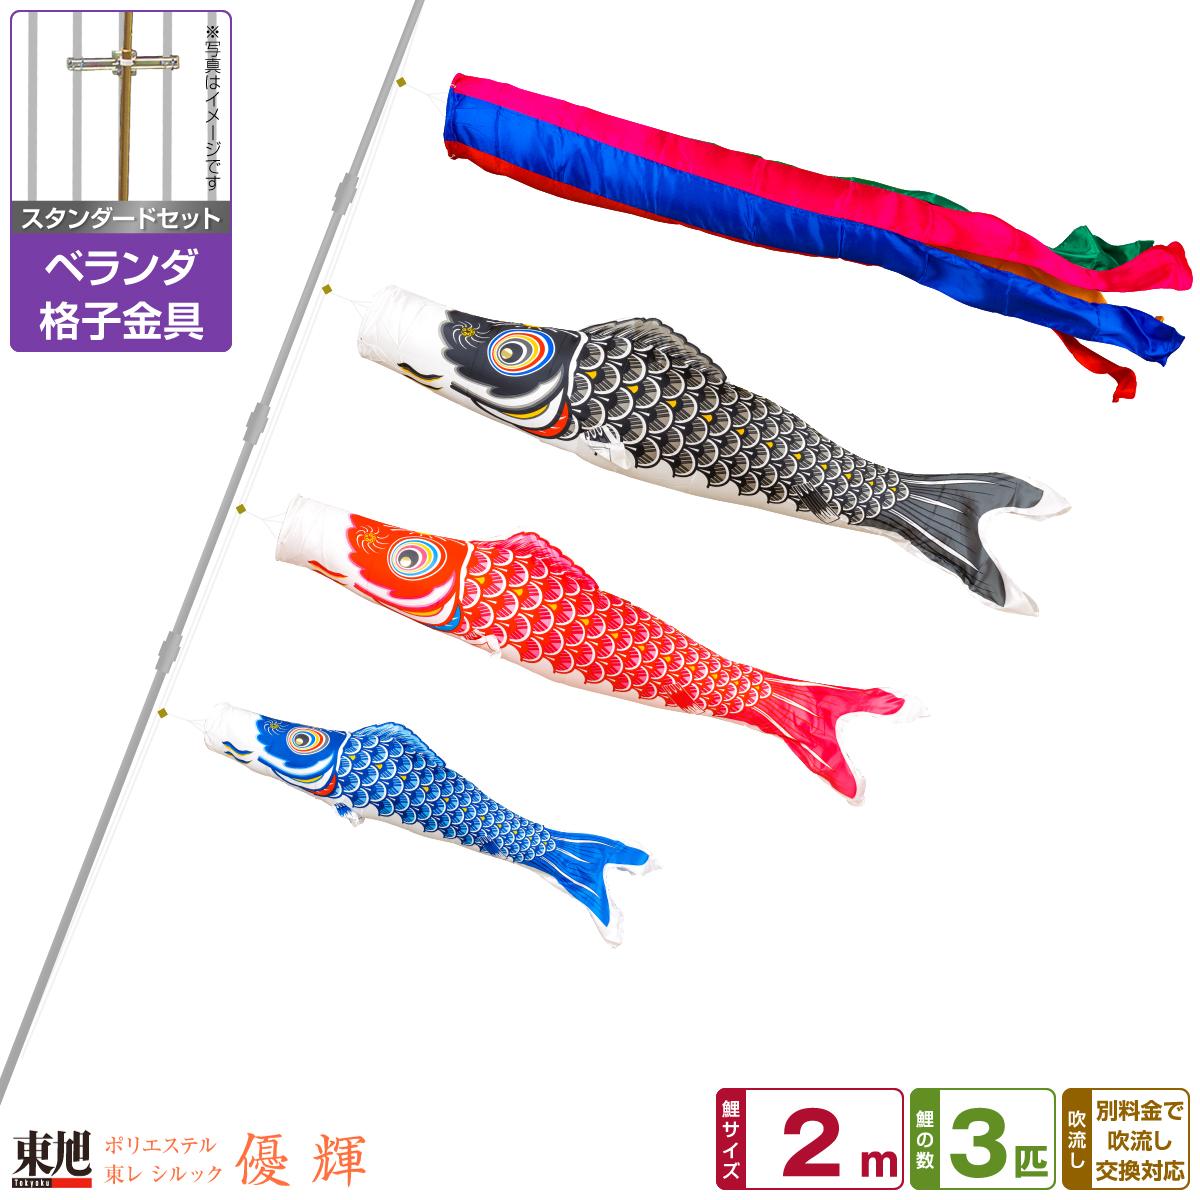 ベランダ用 こいのぼり 鯉のぼり ポリエステル東レ シルック 優輝 2m 6点(吹流し+鯉3匹+矢車+ロープ)/スタンダードセット(格子金具)